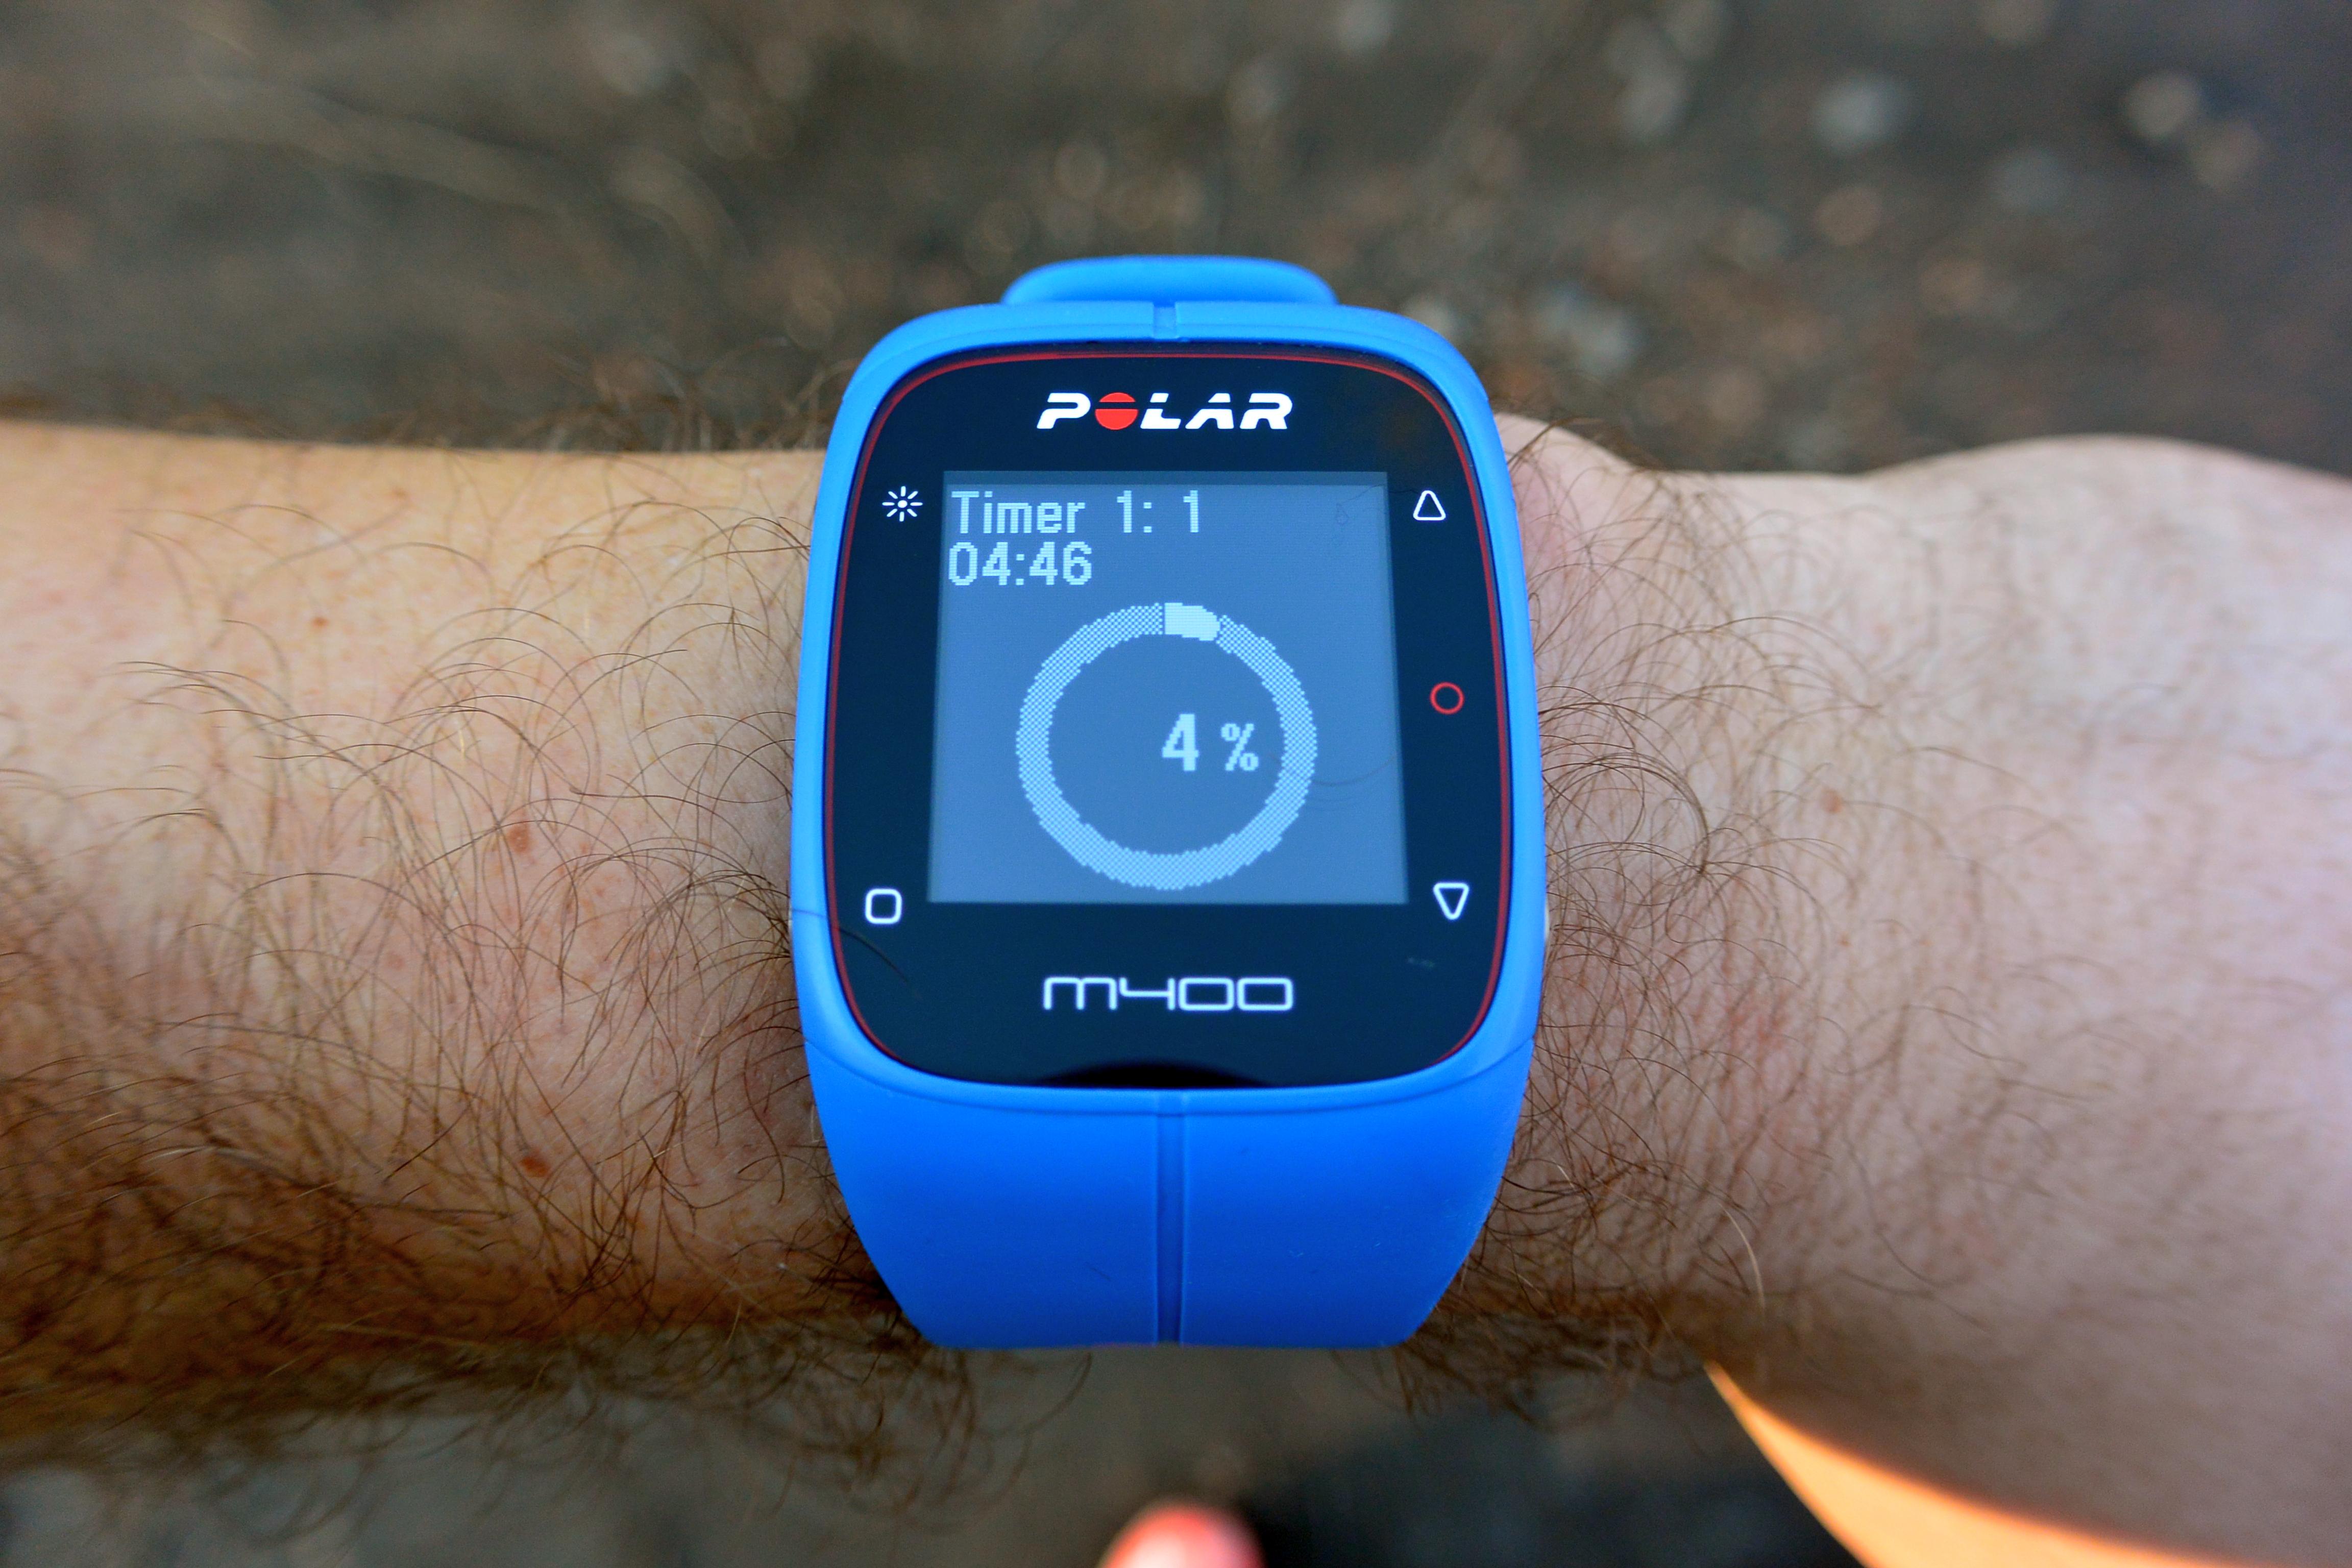 czy pod zegarek polar m400 można podłaczyć inny nadajnik pulsometra